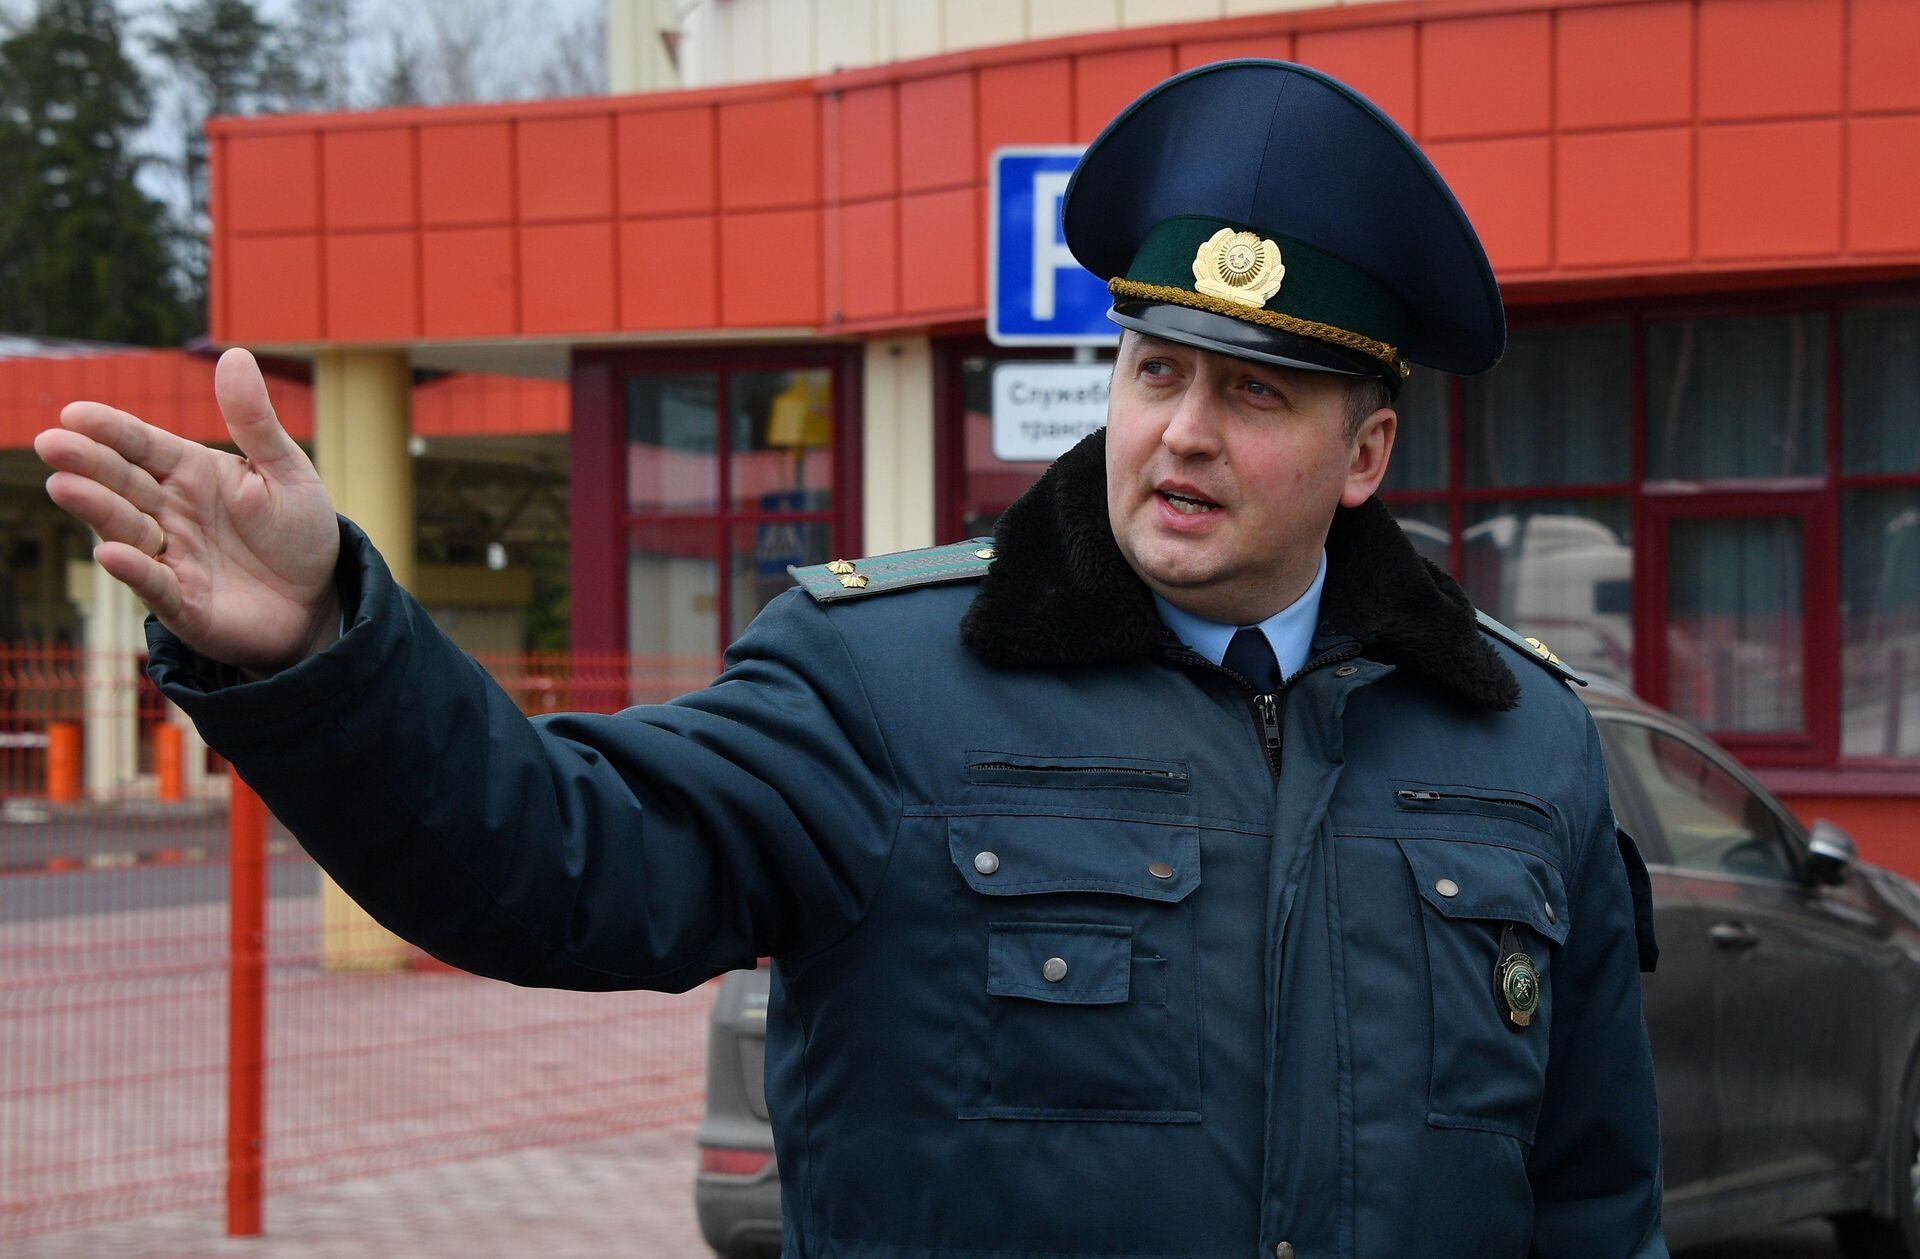 Начальник таможенного поста Урбаны Константин Троцюк - Sputnik Латвия, 1920, 01.06.2021